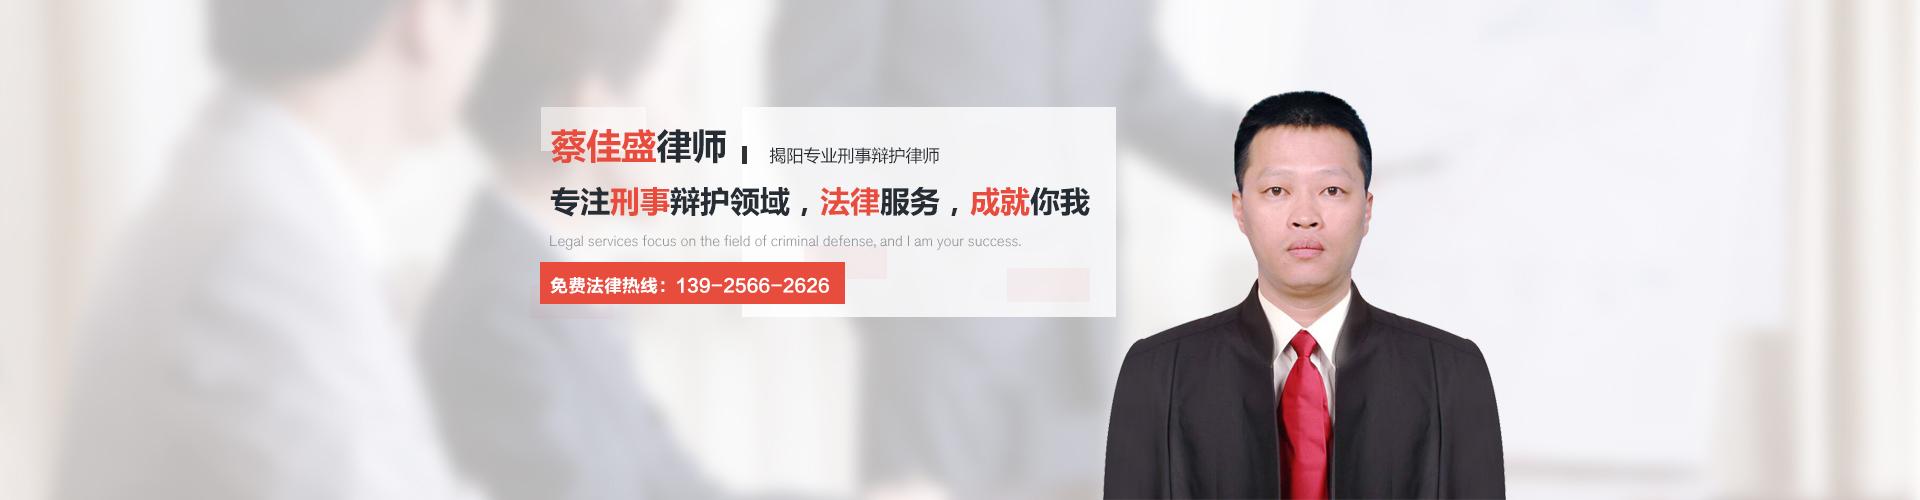 揭阳专业刑事辩护律师